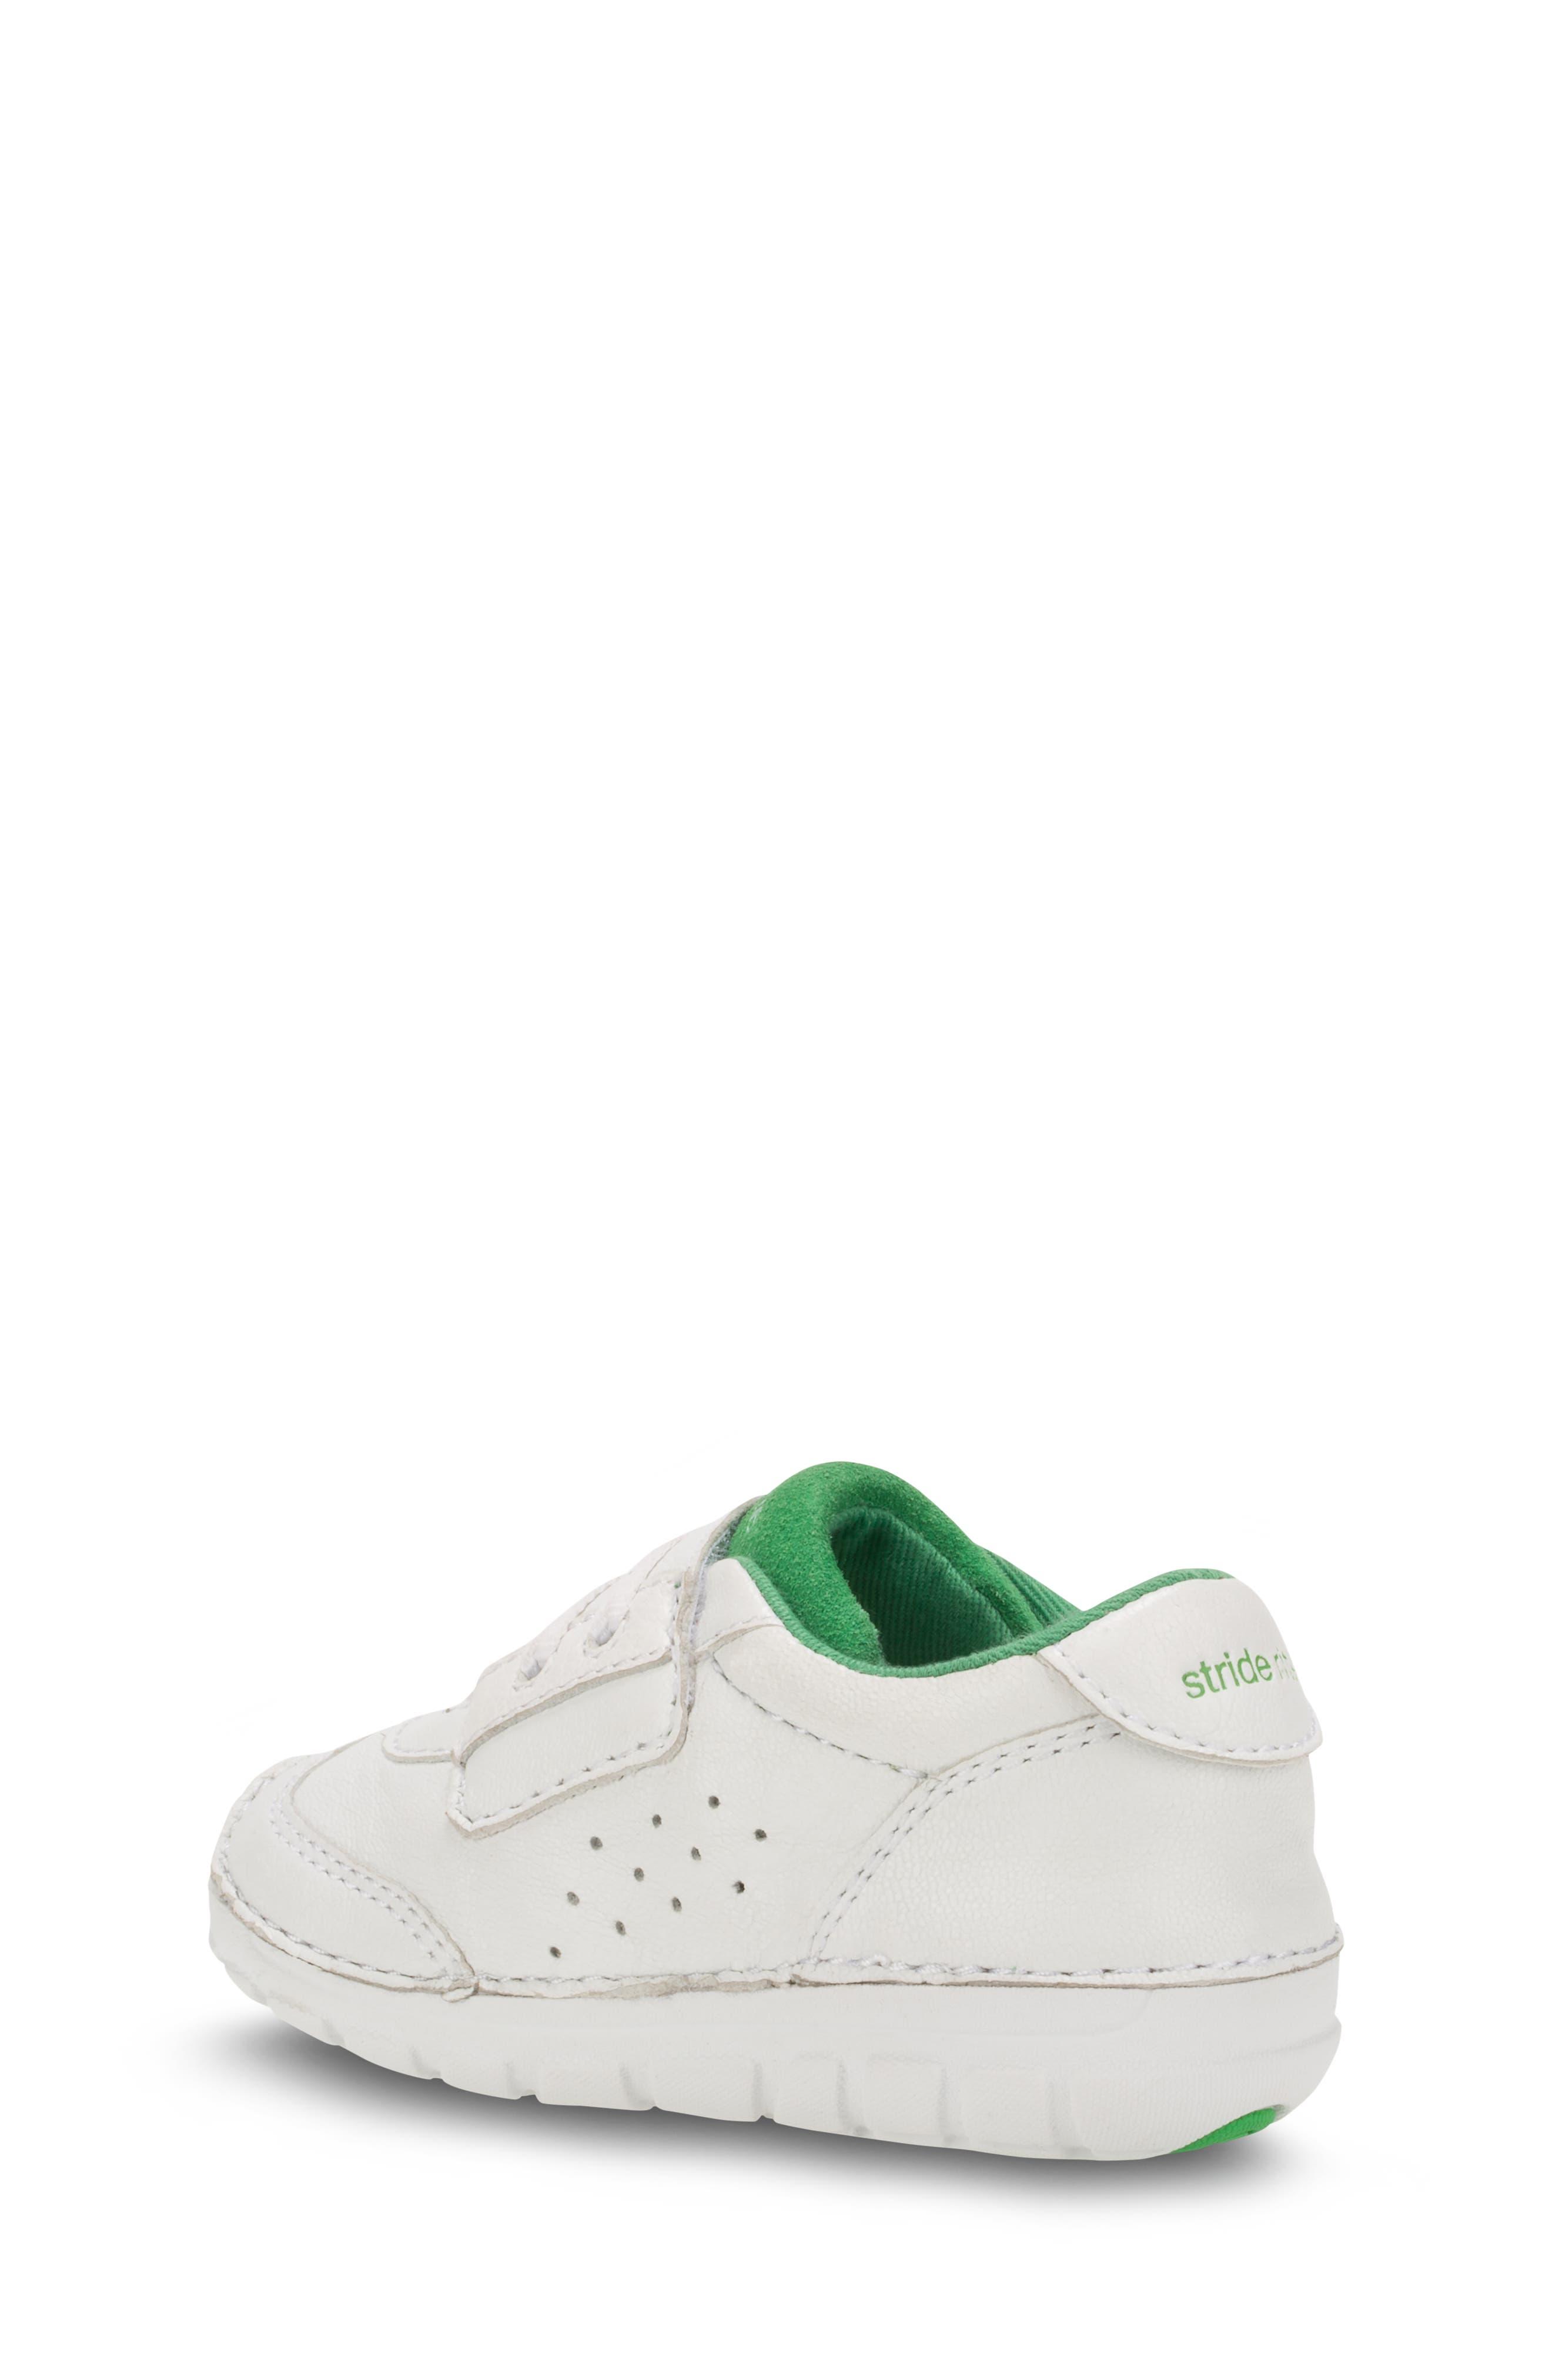 Soft Motion Wyatt Sneaker,                             Alternate thumbnail 2, color,                             WHITE